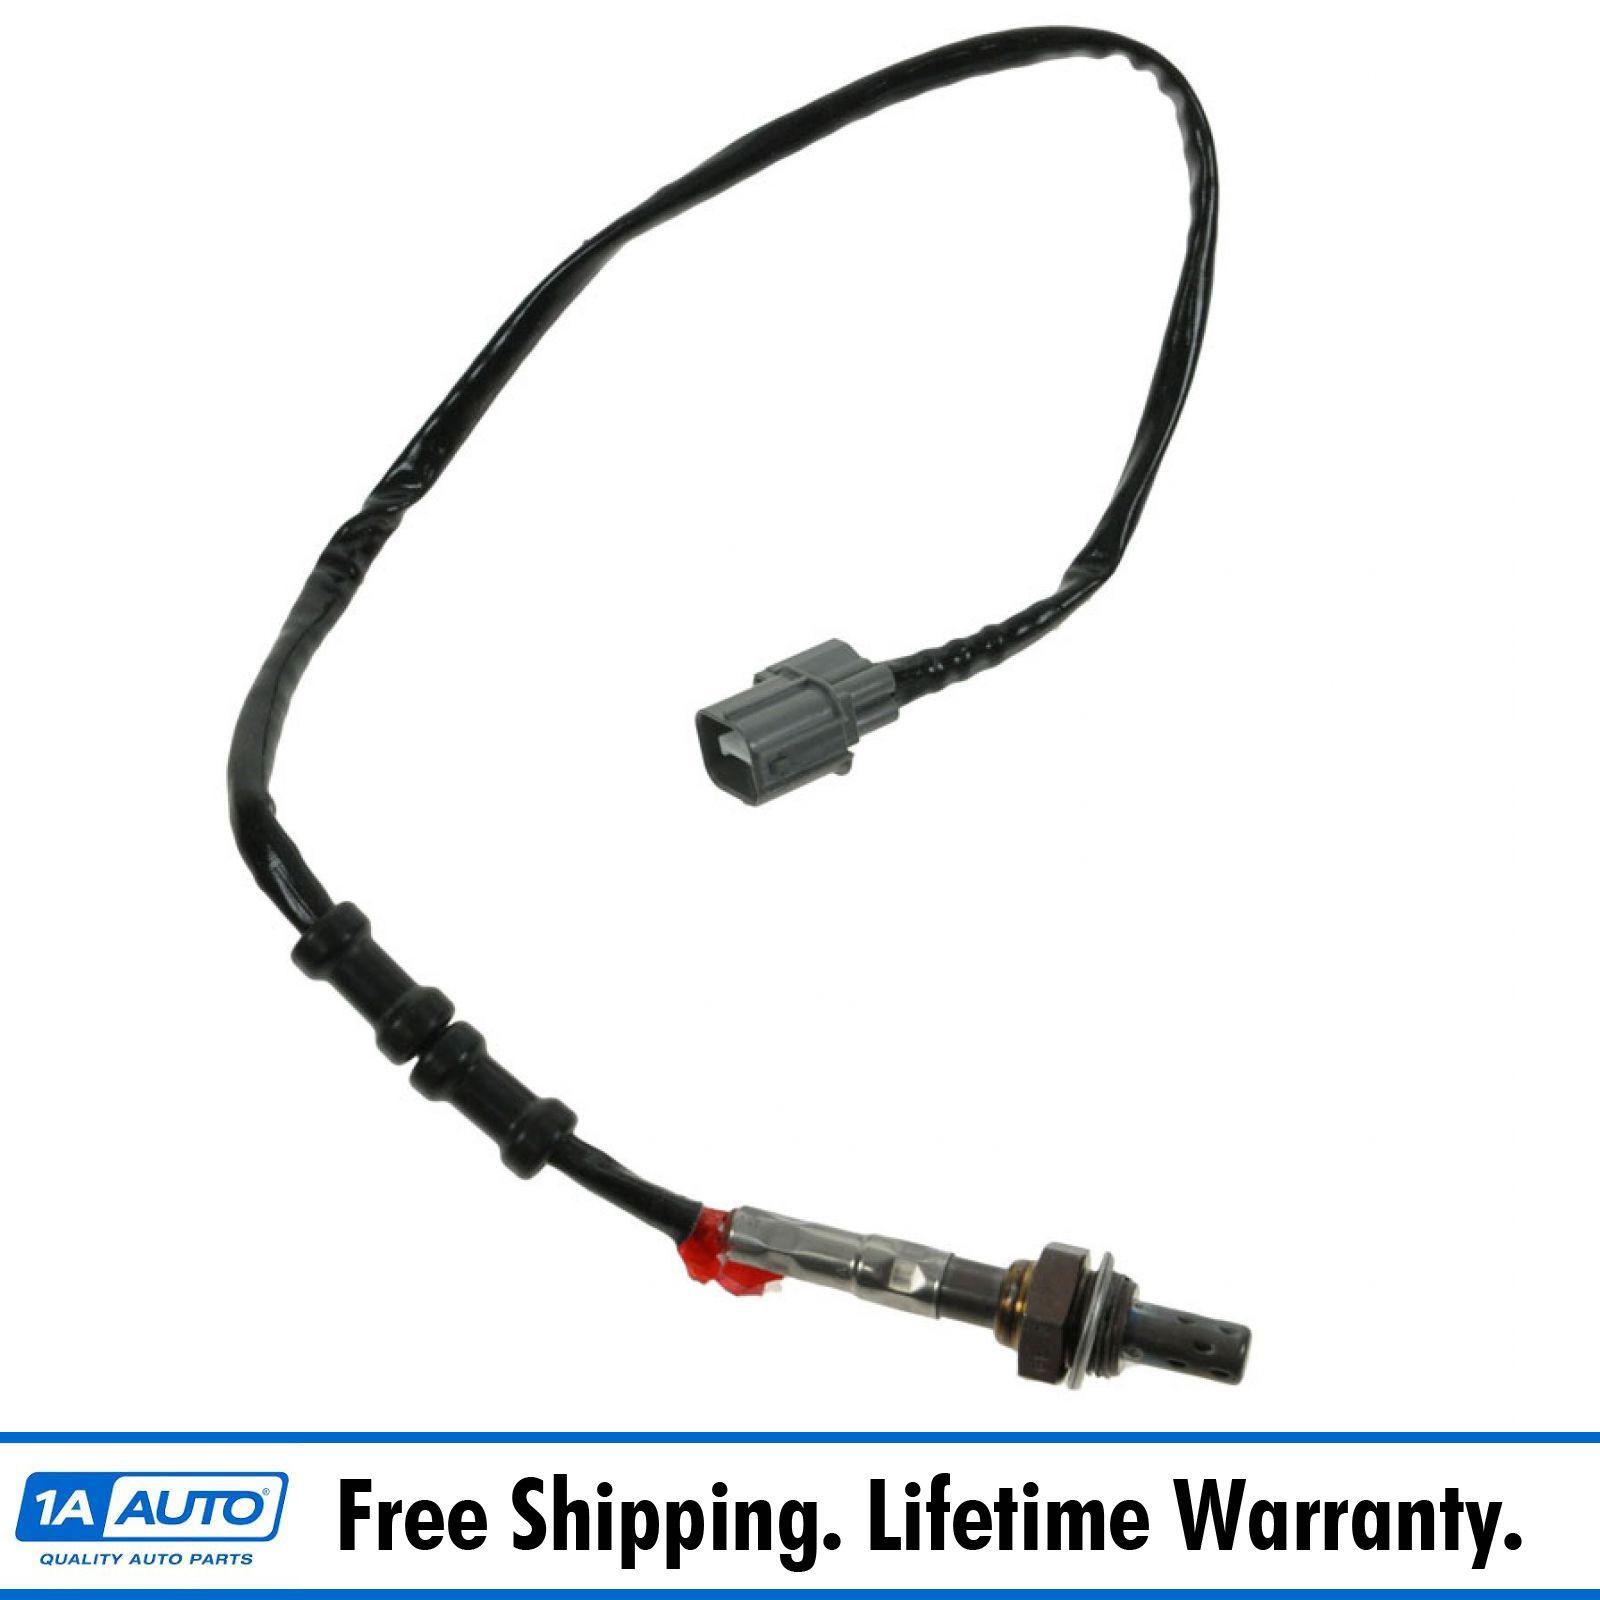 WALKER 250-24391 O2 Oxygen Sensor For Acura TL RL Honda Accord Pilot S2000  Vue